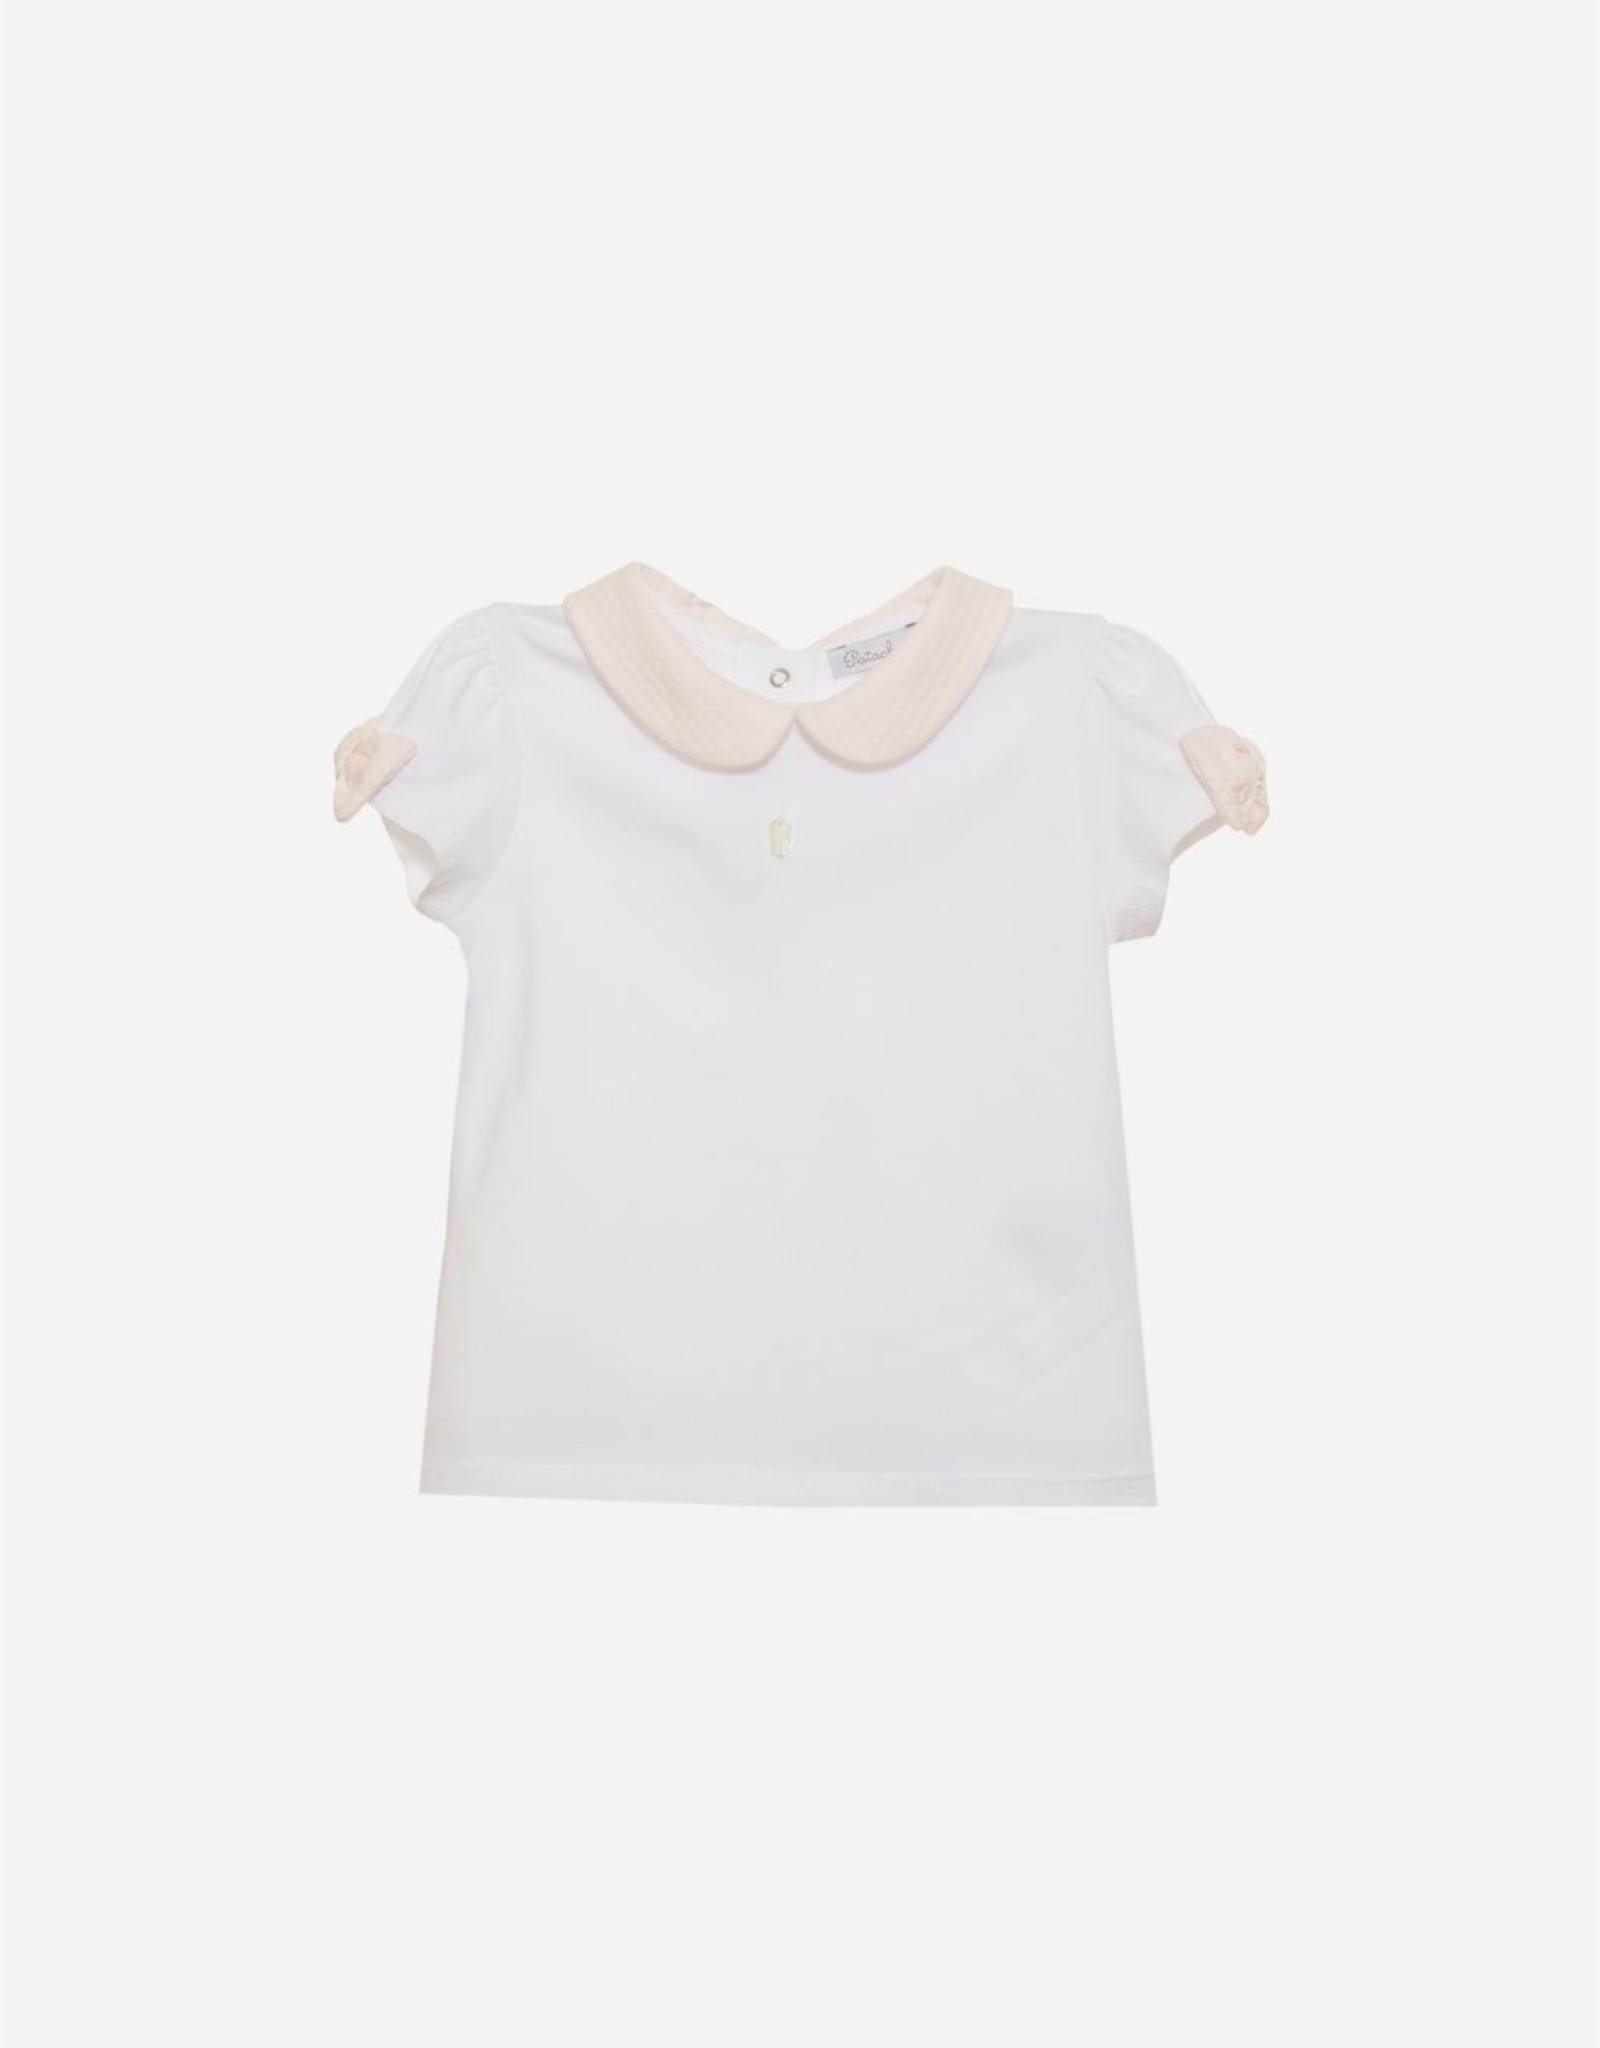 PATACHOU PATACHOU girl t-shirt